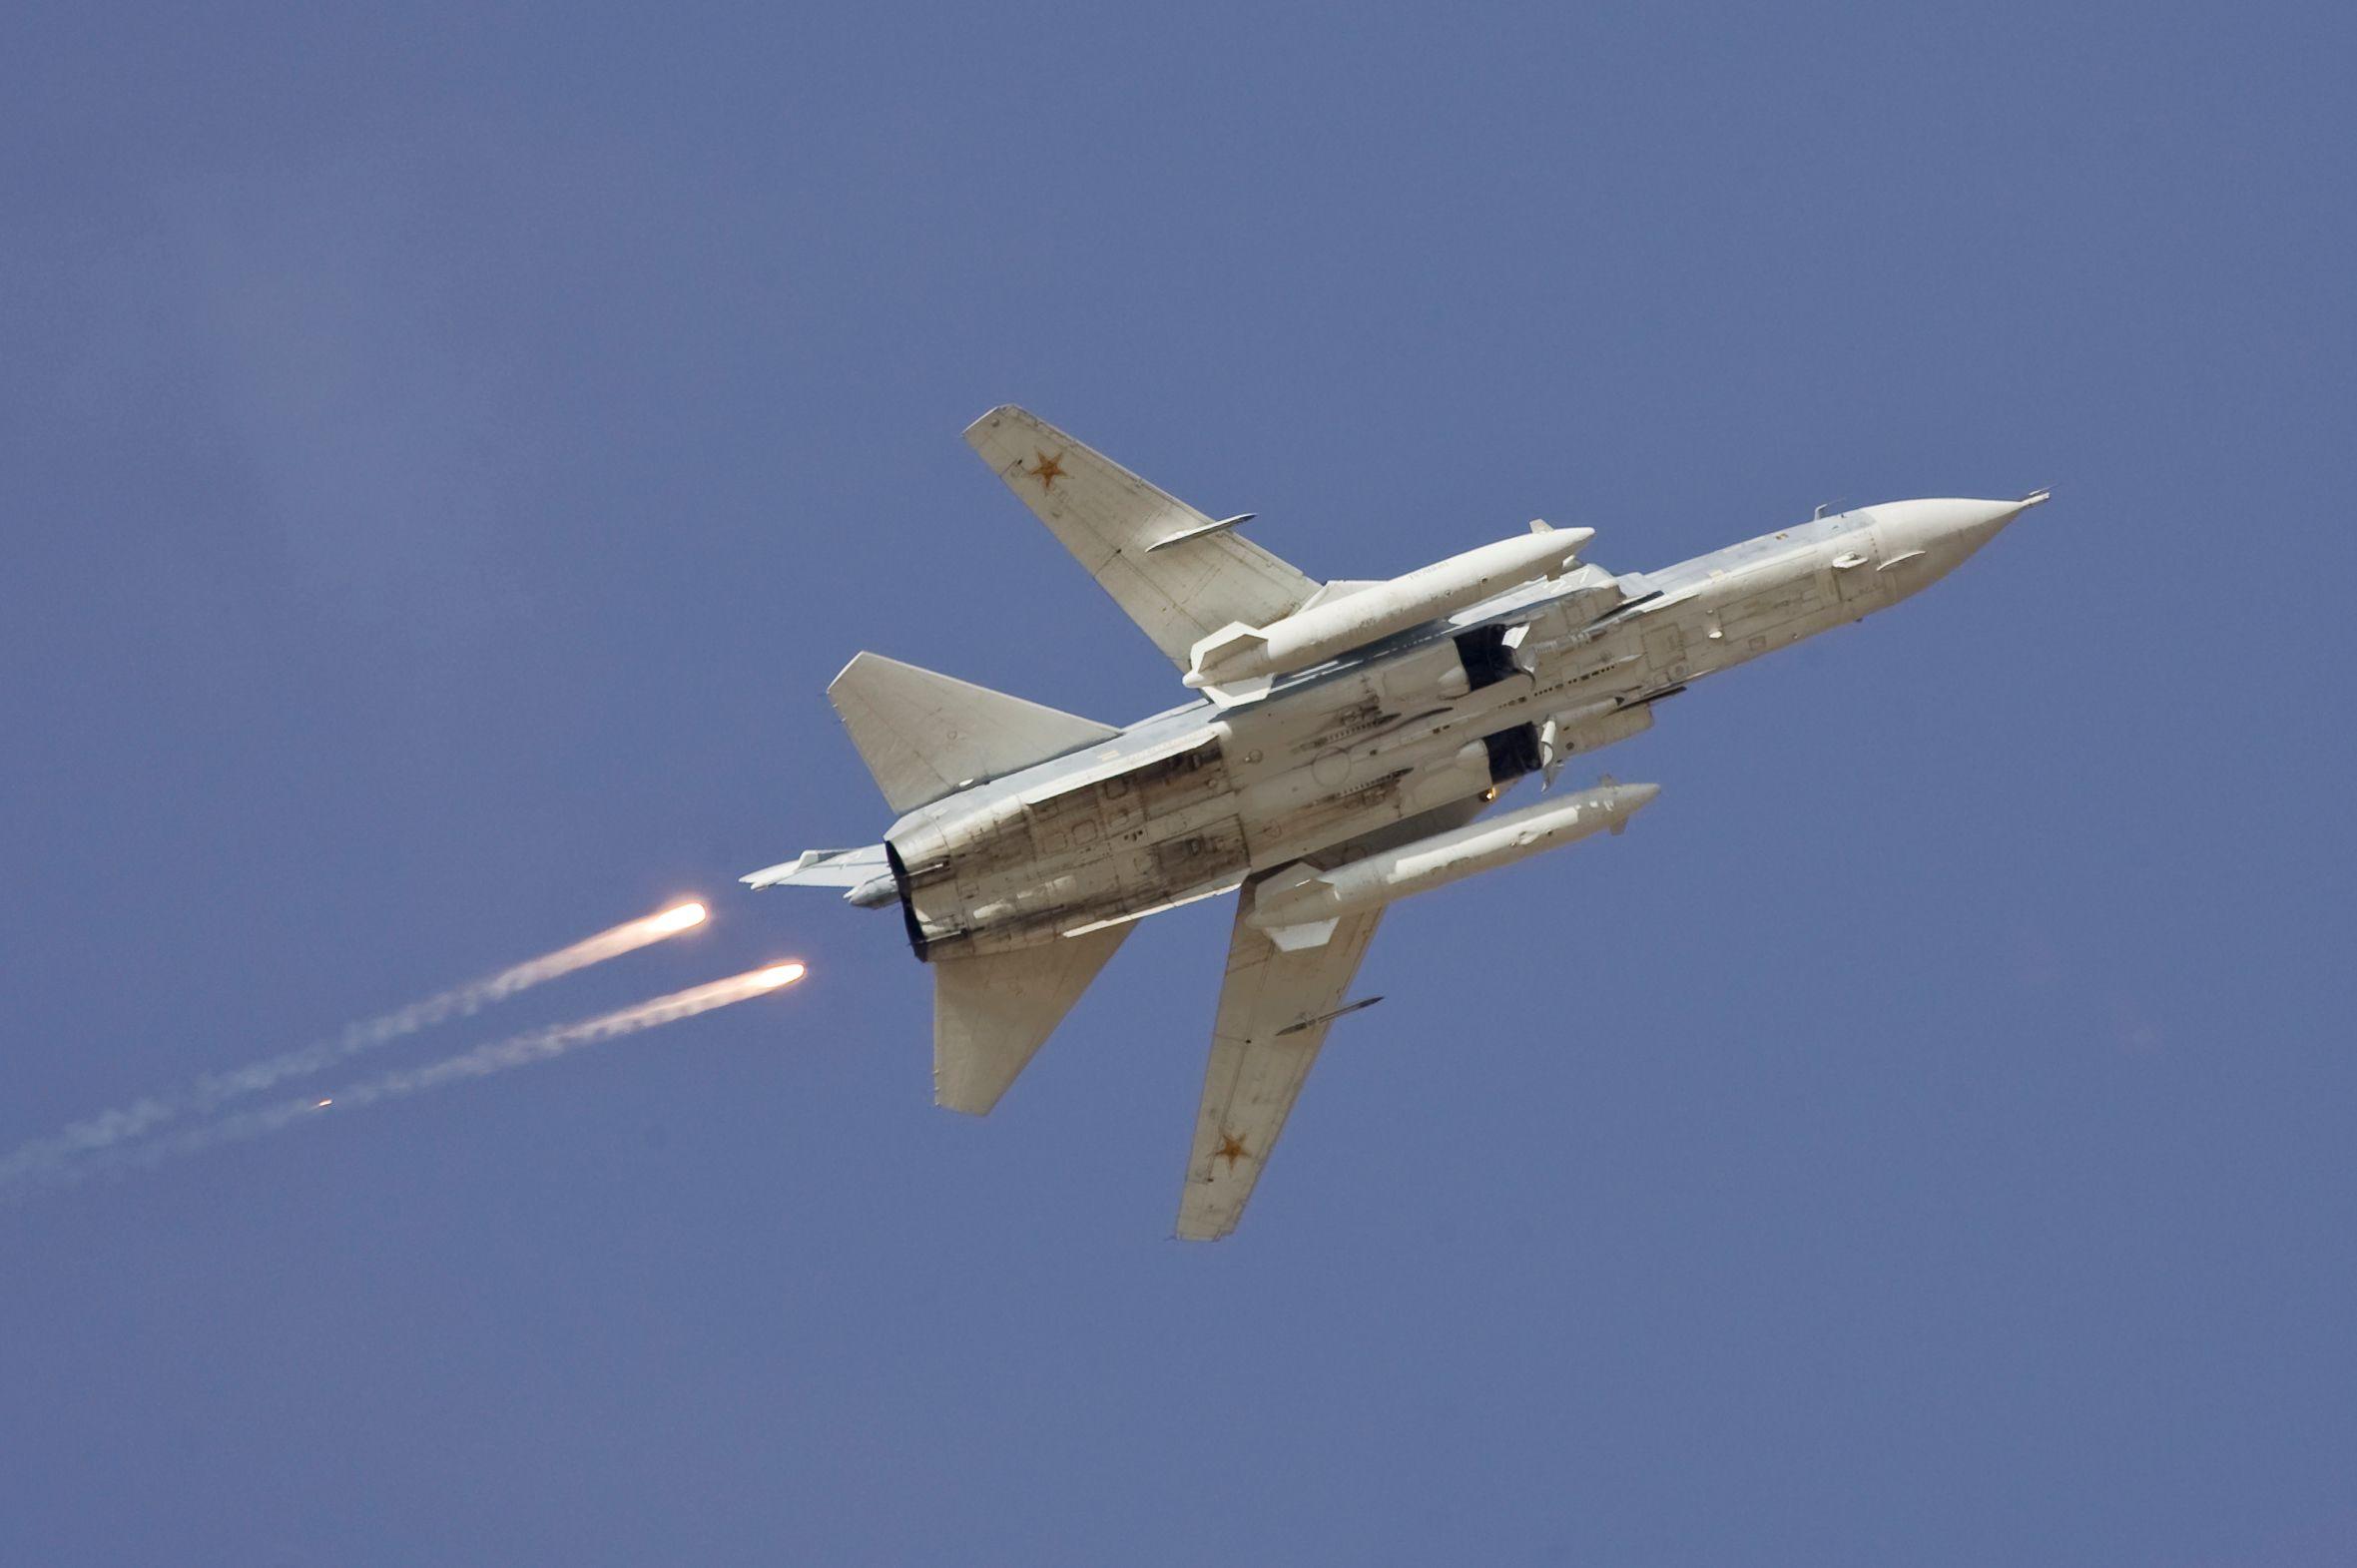 Avion russe abattu par la Turquie : qui pourra encore maîtriser l'étincelle capable de déclencher l'explosion globale du Moyen-Orient et des alliances de l'Occident ?